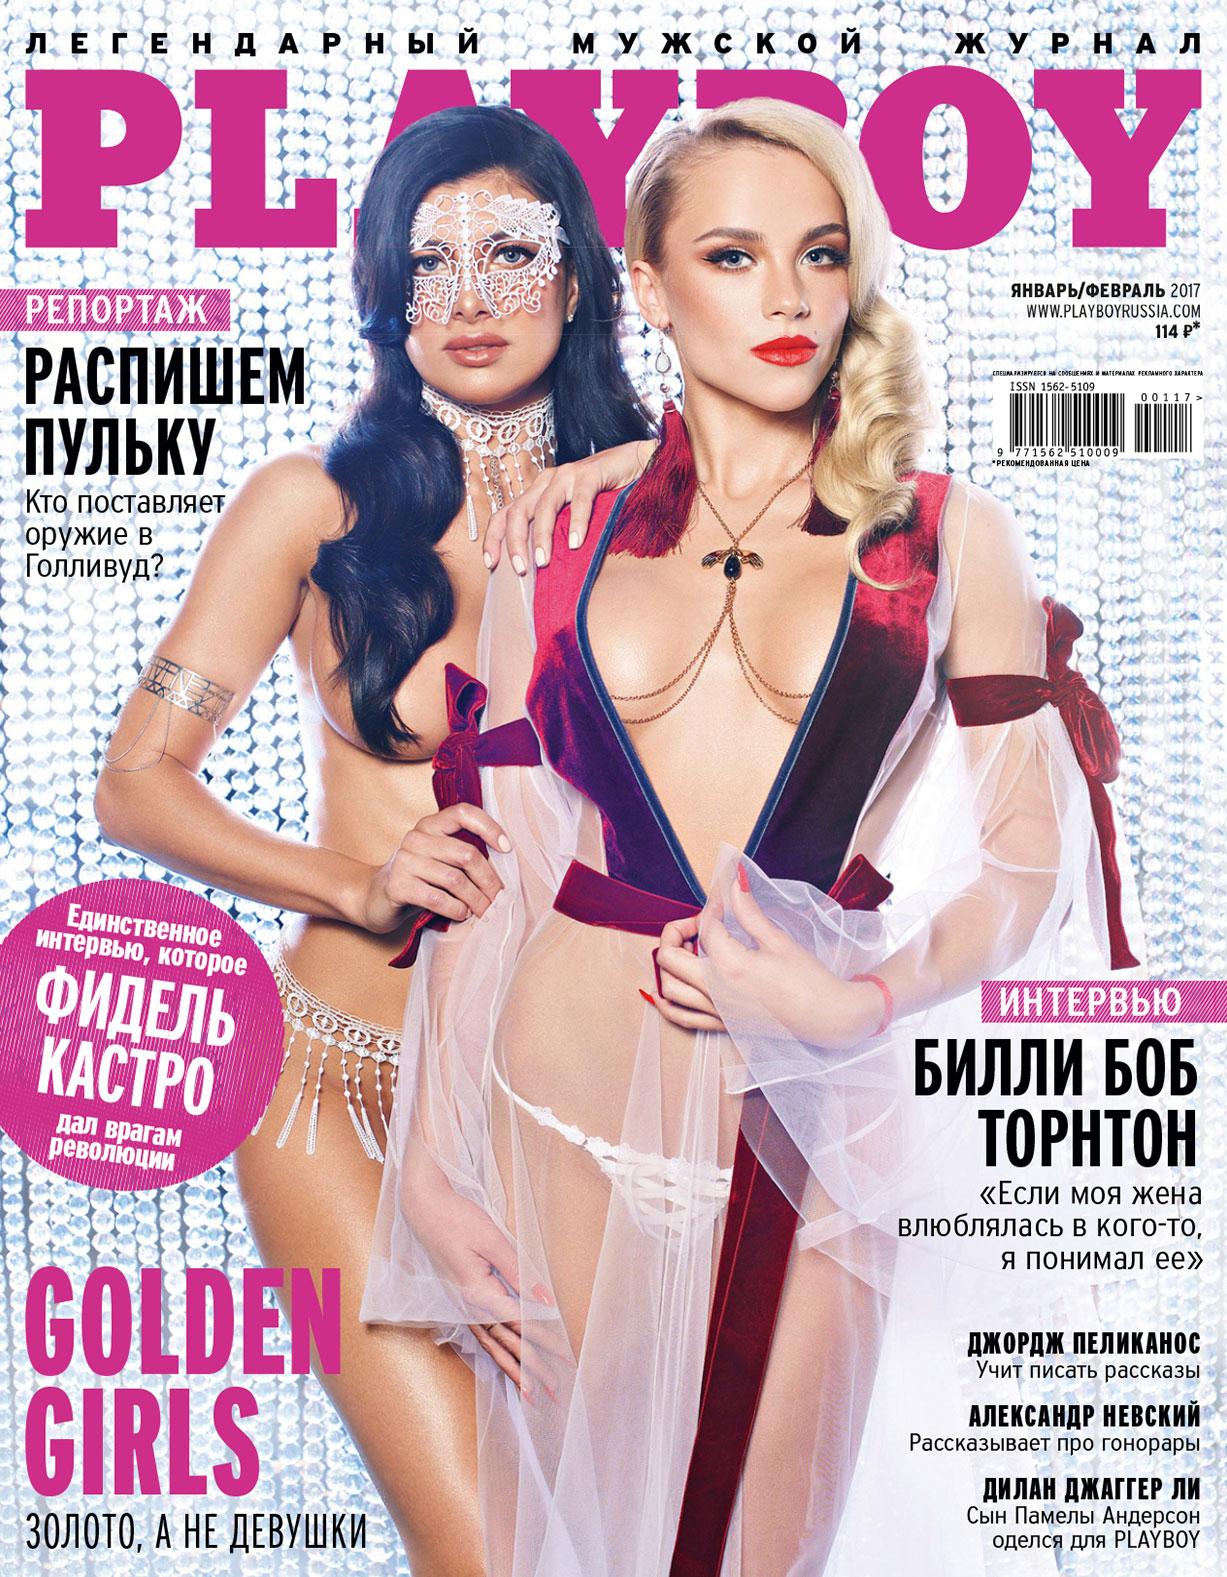 Коко и Джулия Реутова / GoldenGirls - Playboy Россия январь-февраль 2017